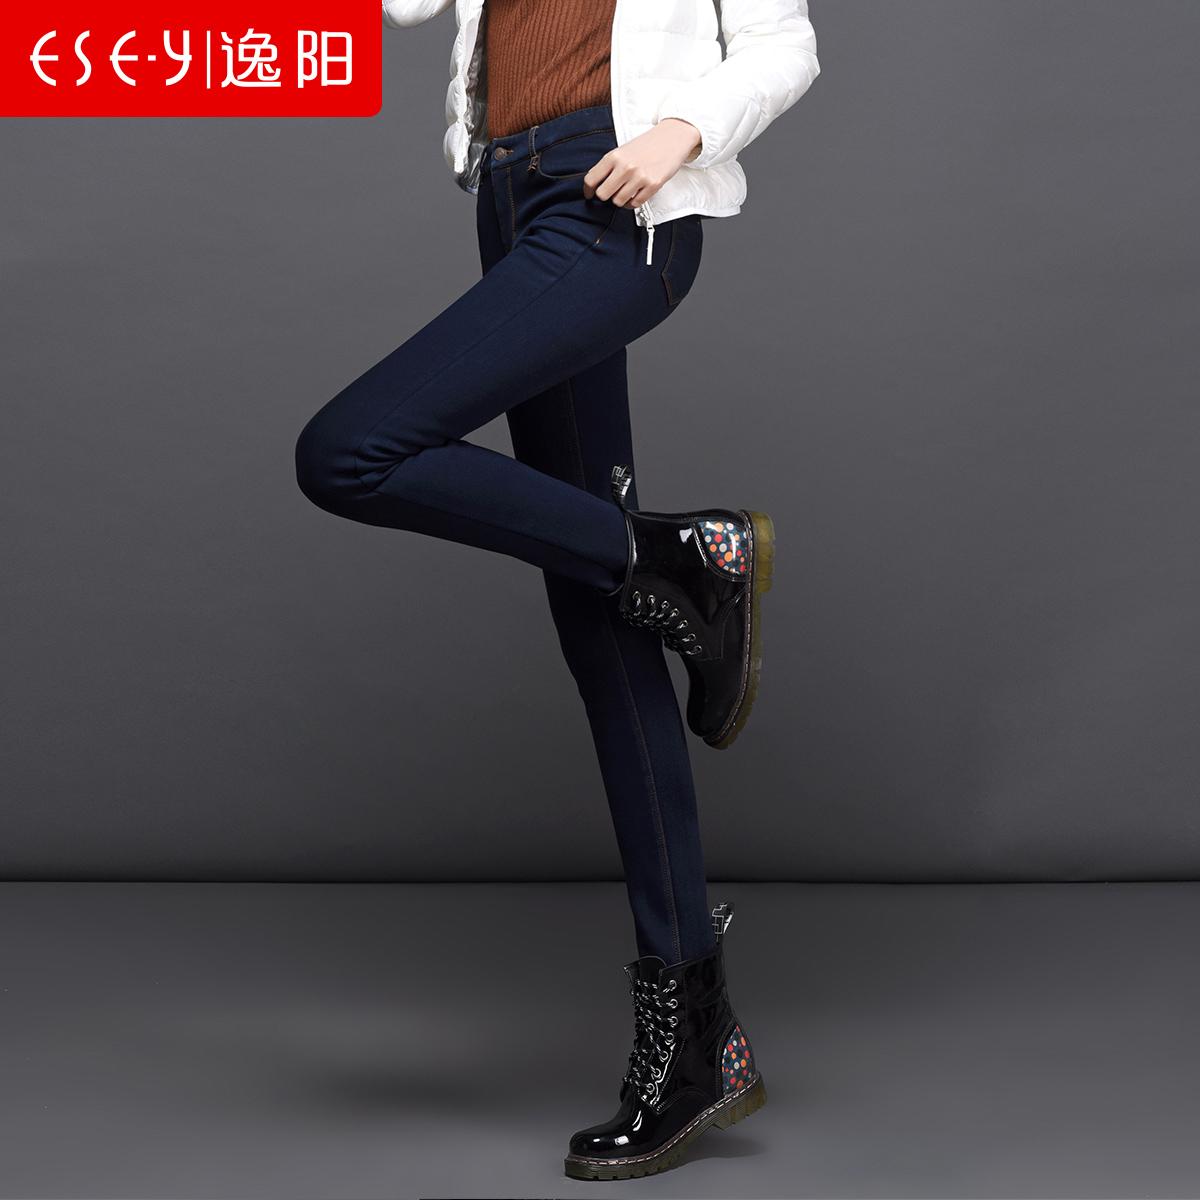 逸阳女裤2016新款冬季加绒牛仔裤女铅笔裤大码弹力小脚裤靴裤1656产品展示图1